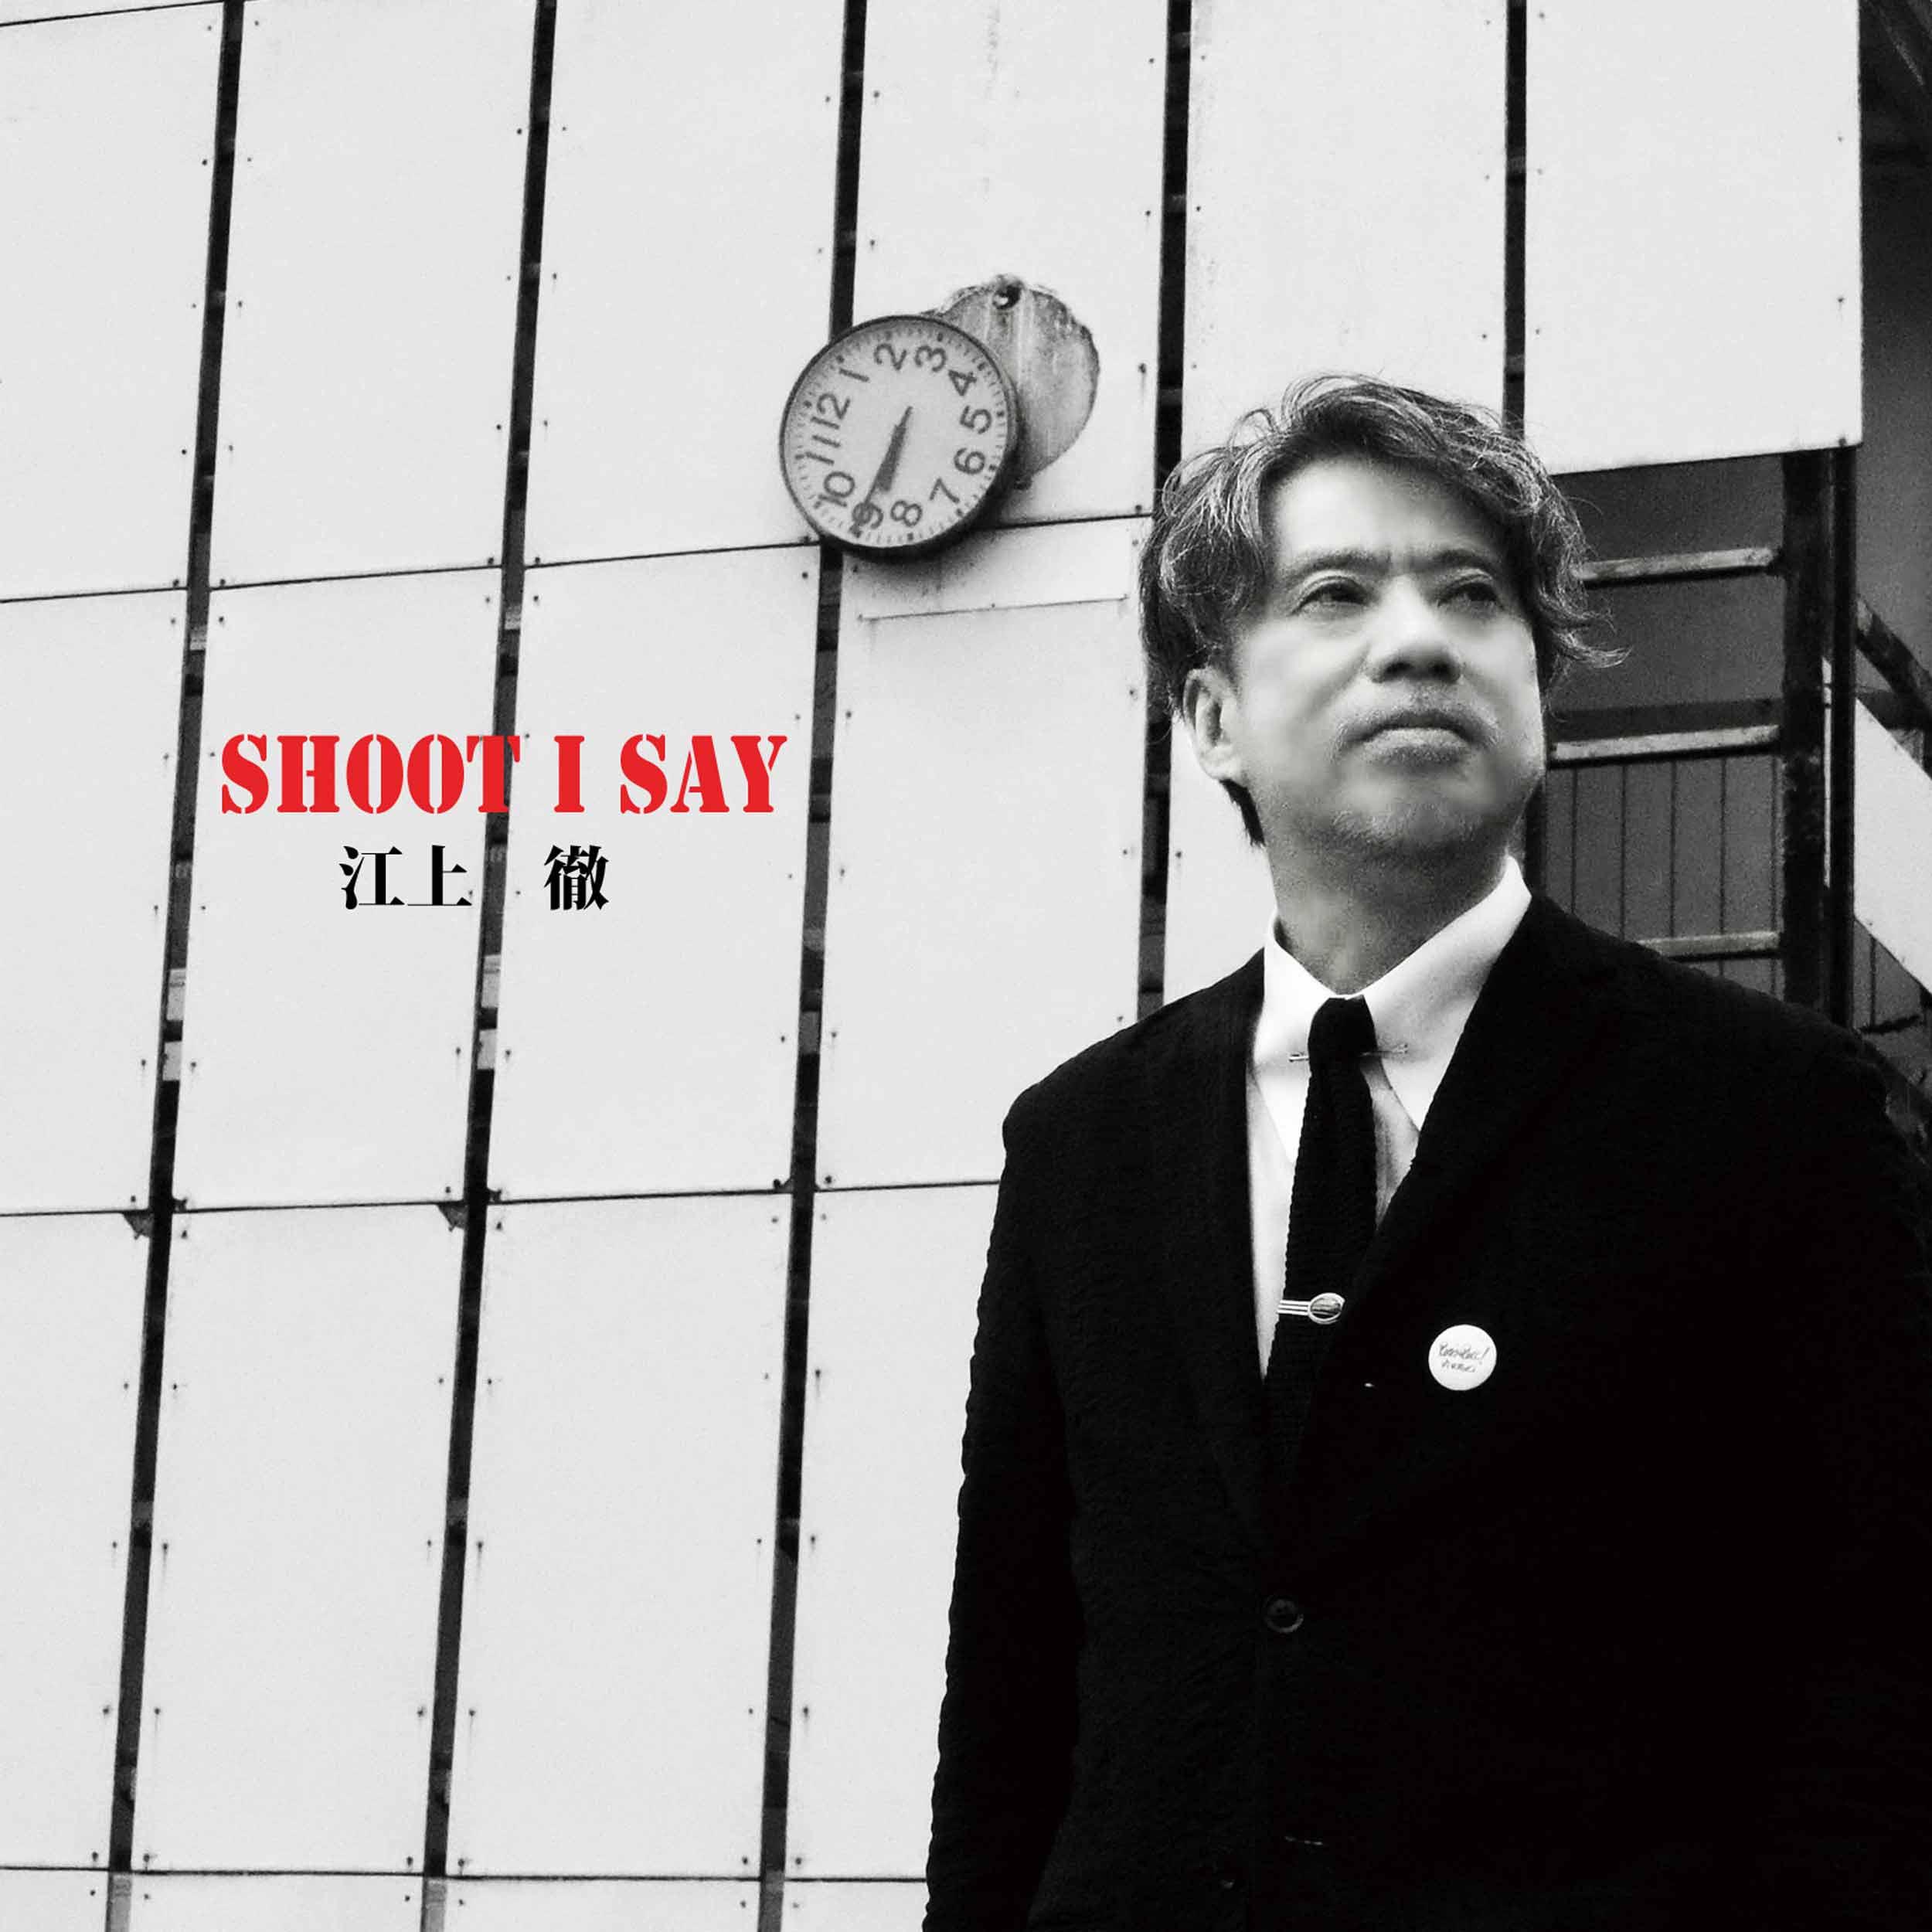 SHOOT I SAY